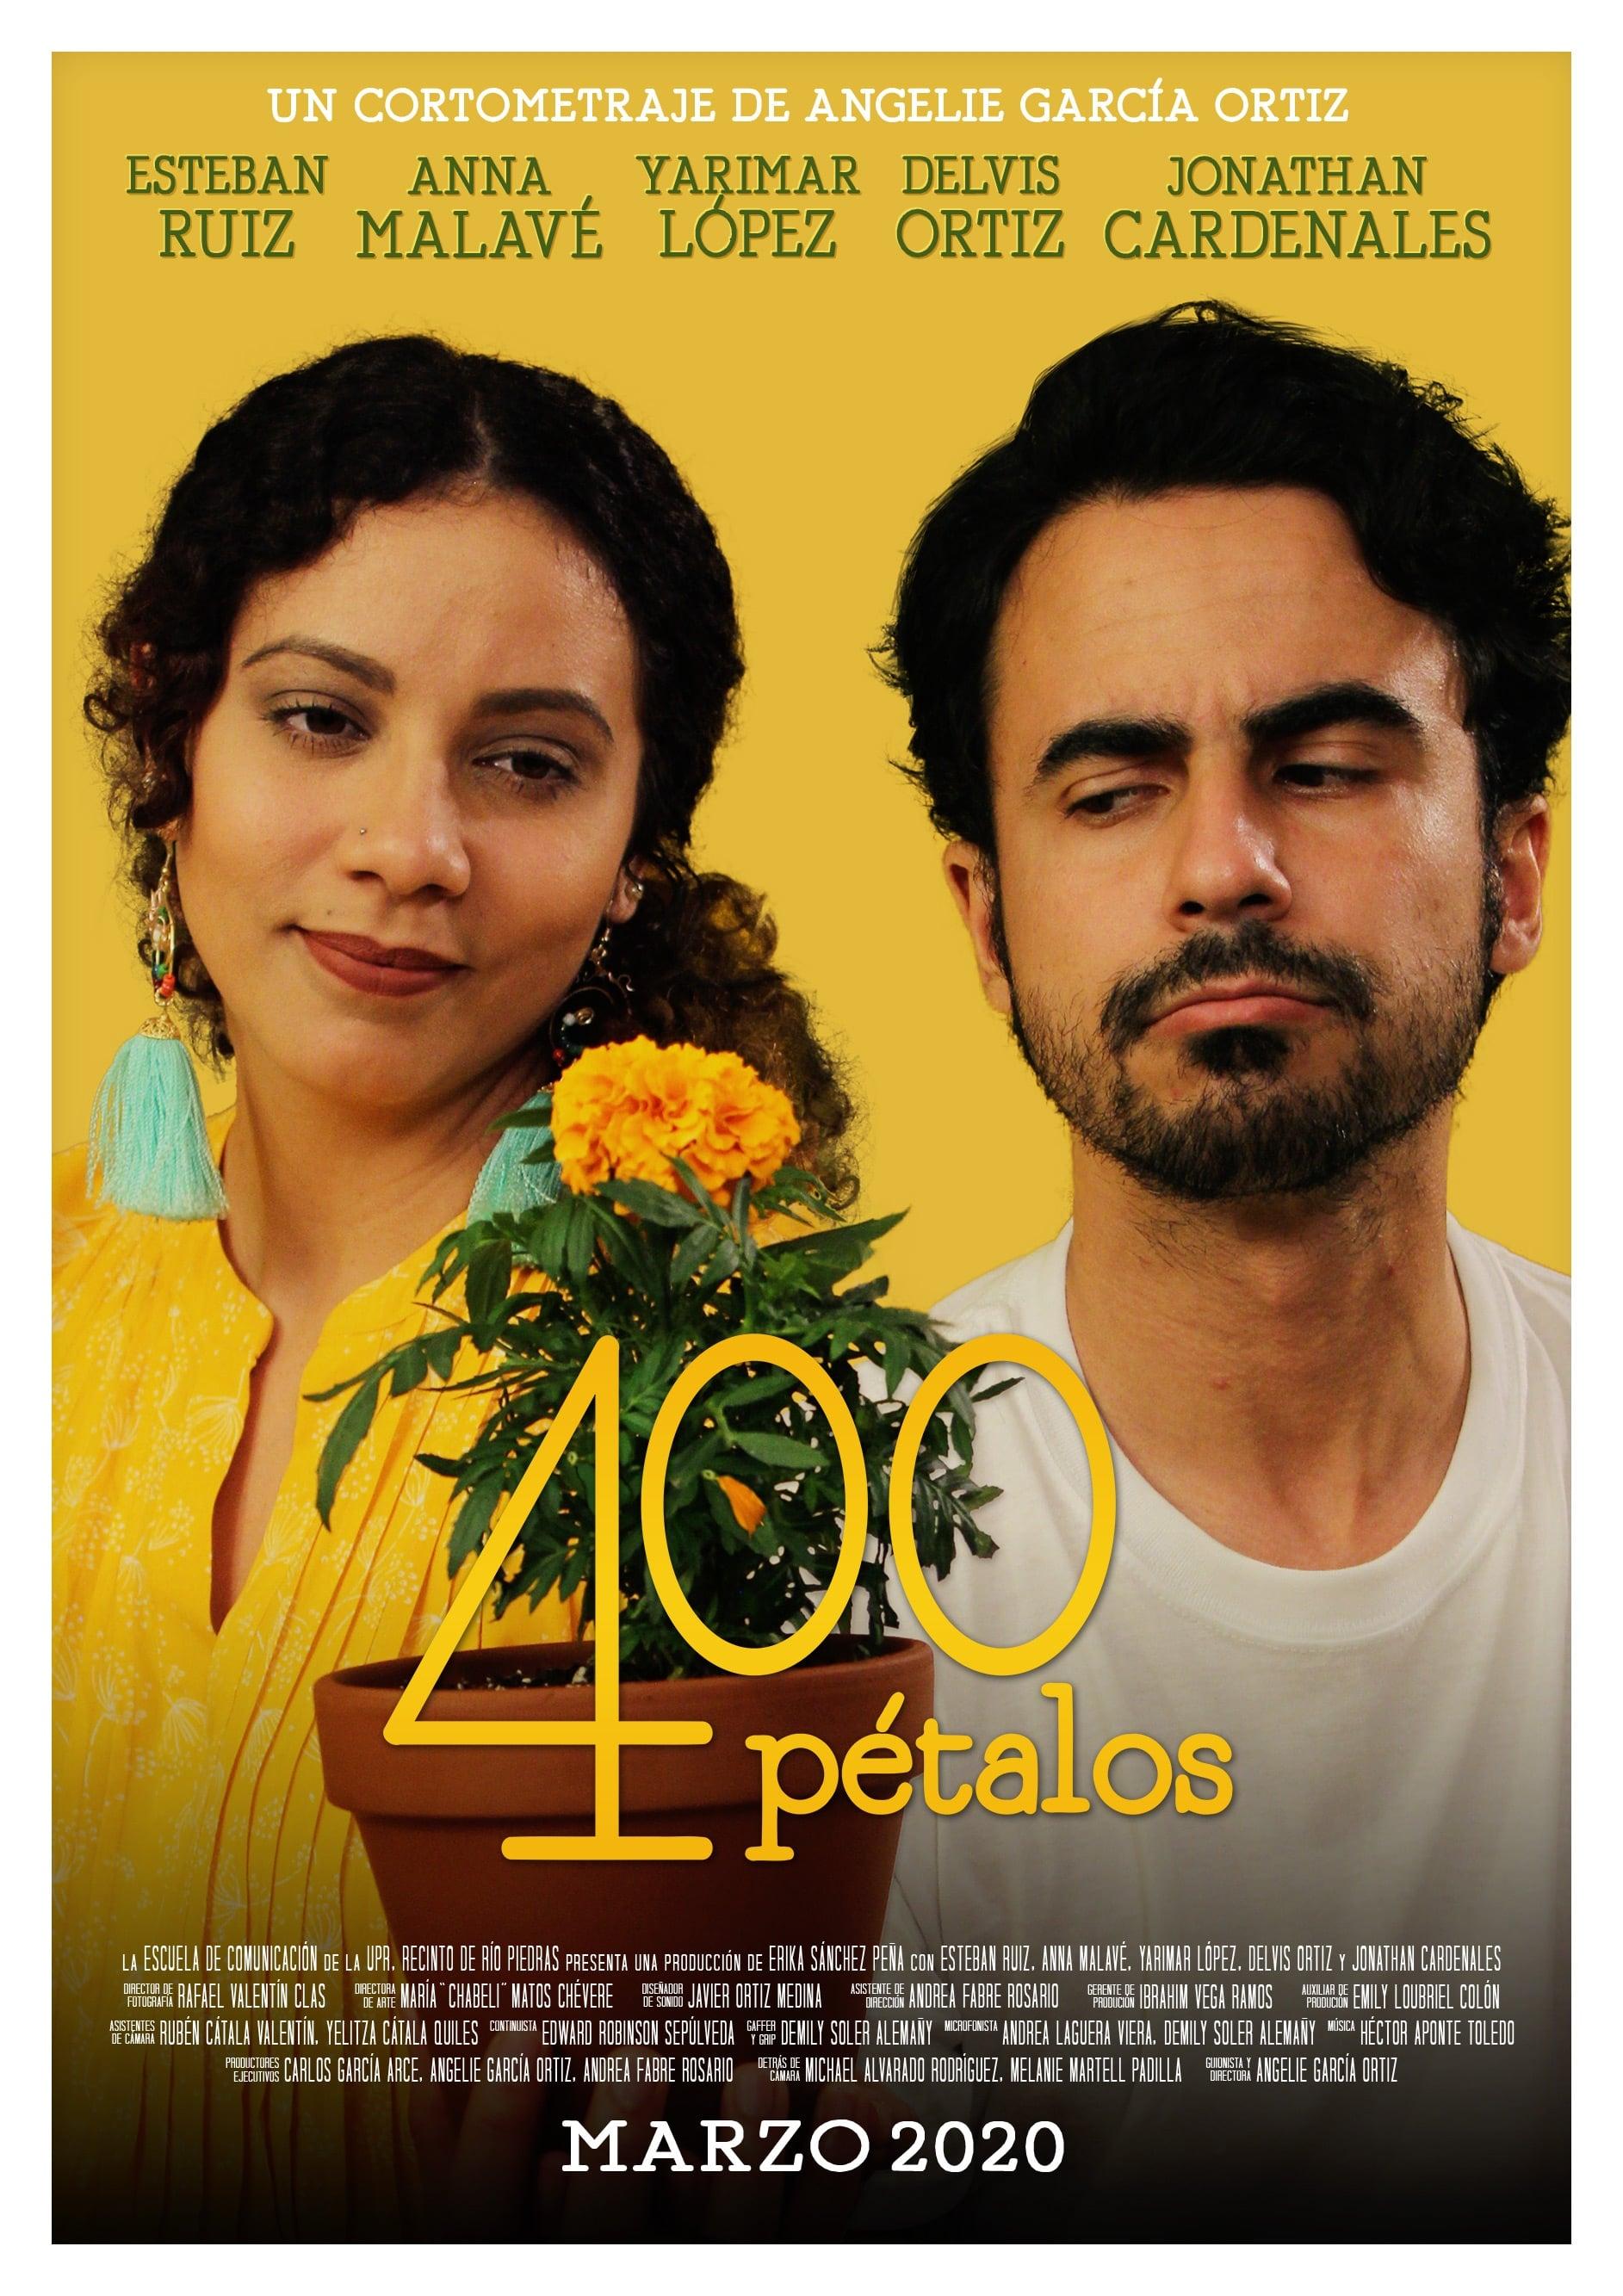 400 Petals